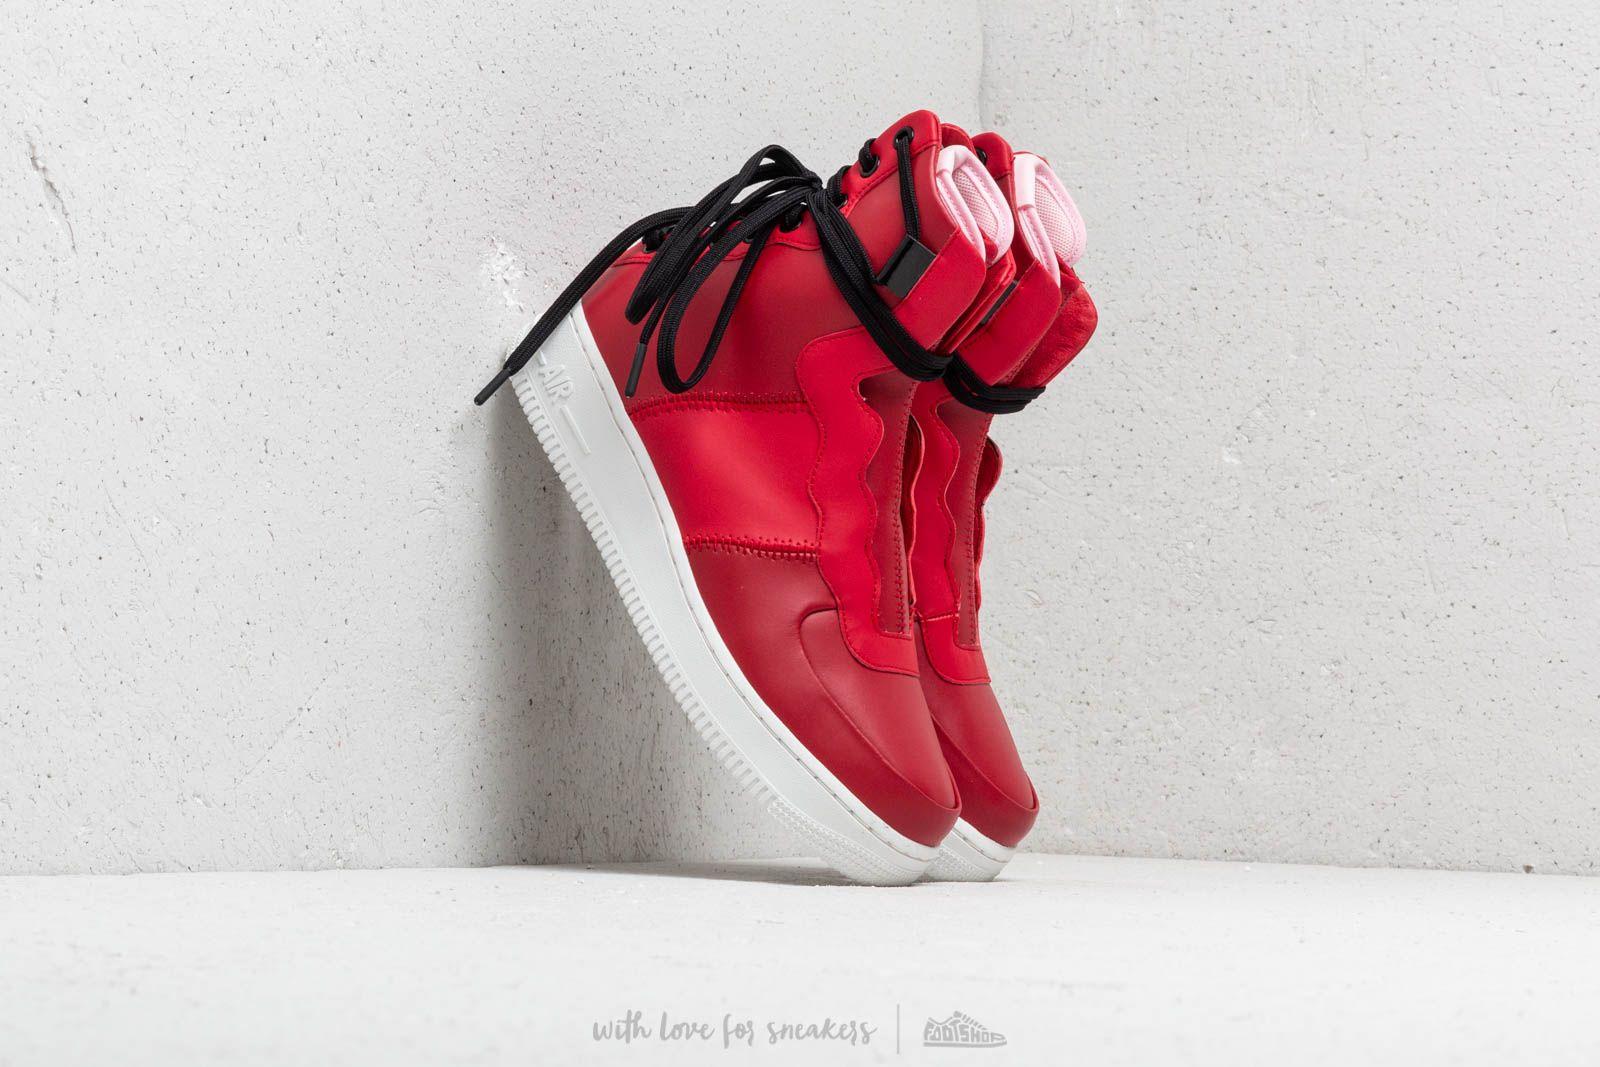 Nike Wmns Air Force 1 Rebel XX Gym Red/ Arctic Pink a muy buen precio 140 € comprar en Footshop